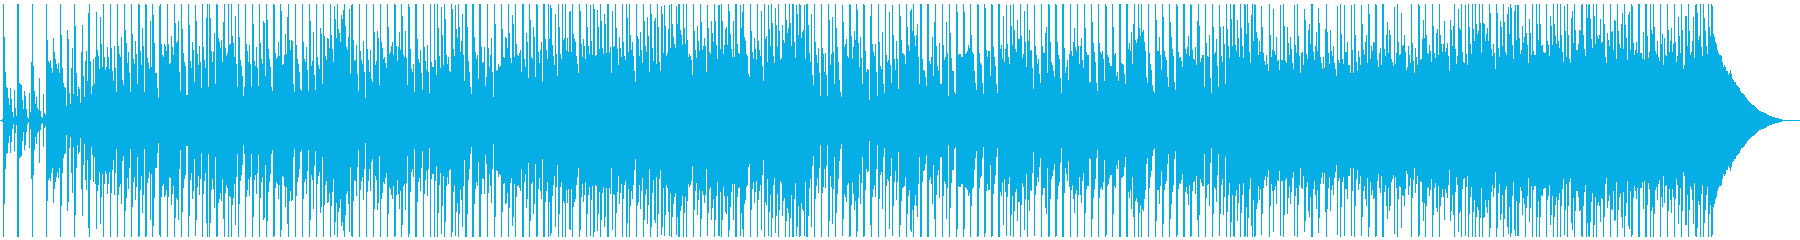 沖縄らしい三線ポップスの再生済みの波形